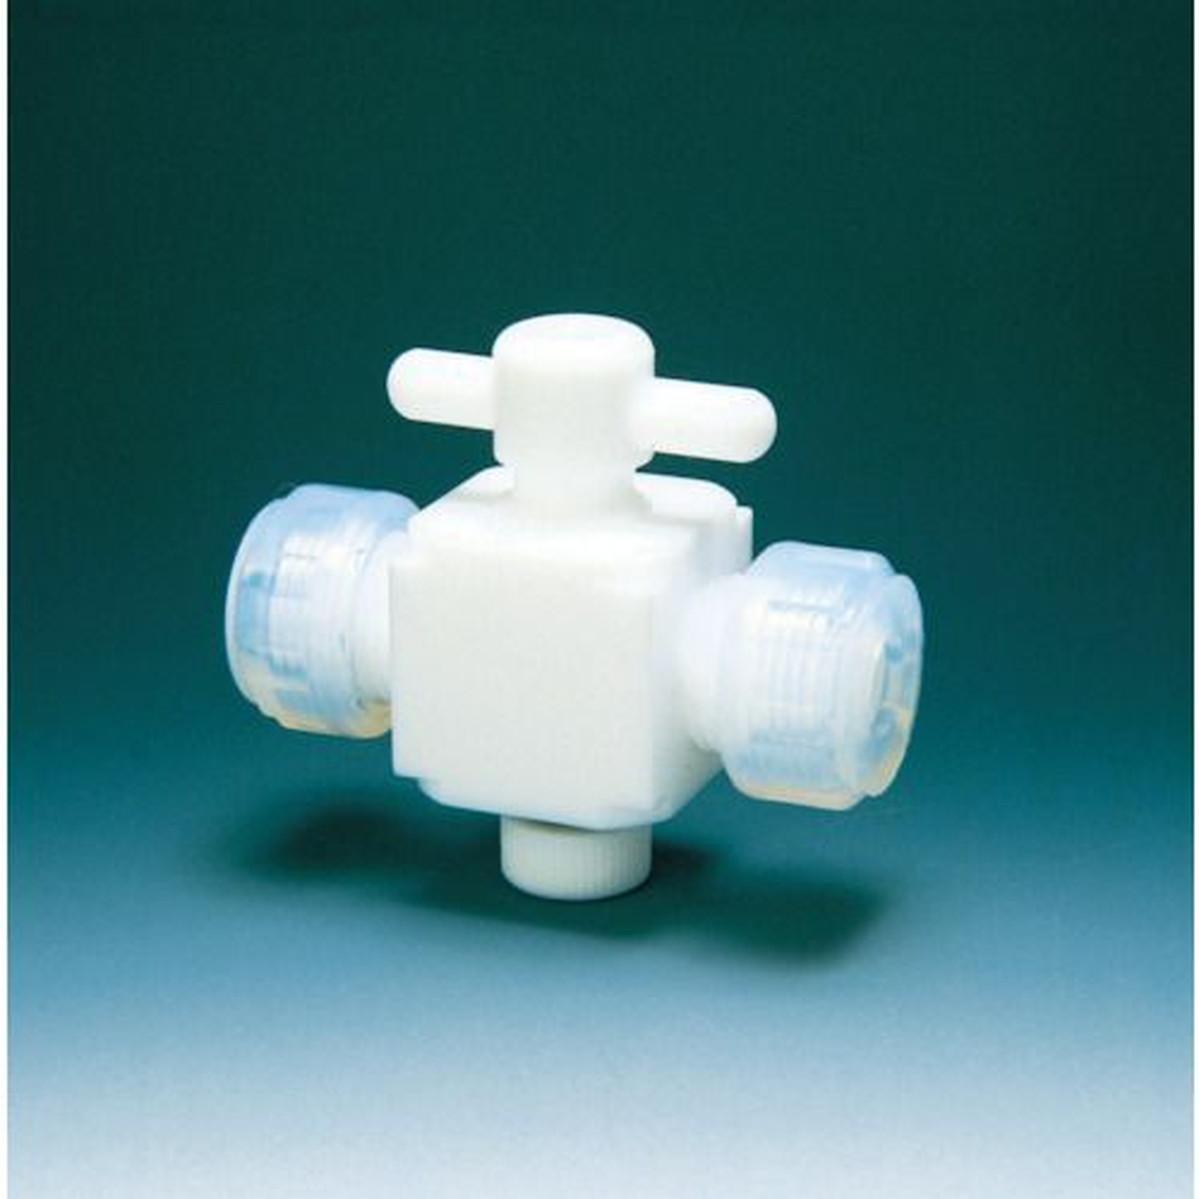 最大の割引 フロンケミカルフロンケミカル フッ素樹脂(PTFE)二方バルブ接続10mm 1個, ホウジョウシ:bc07750d --- promotime.lt